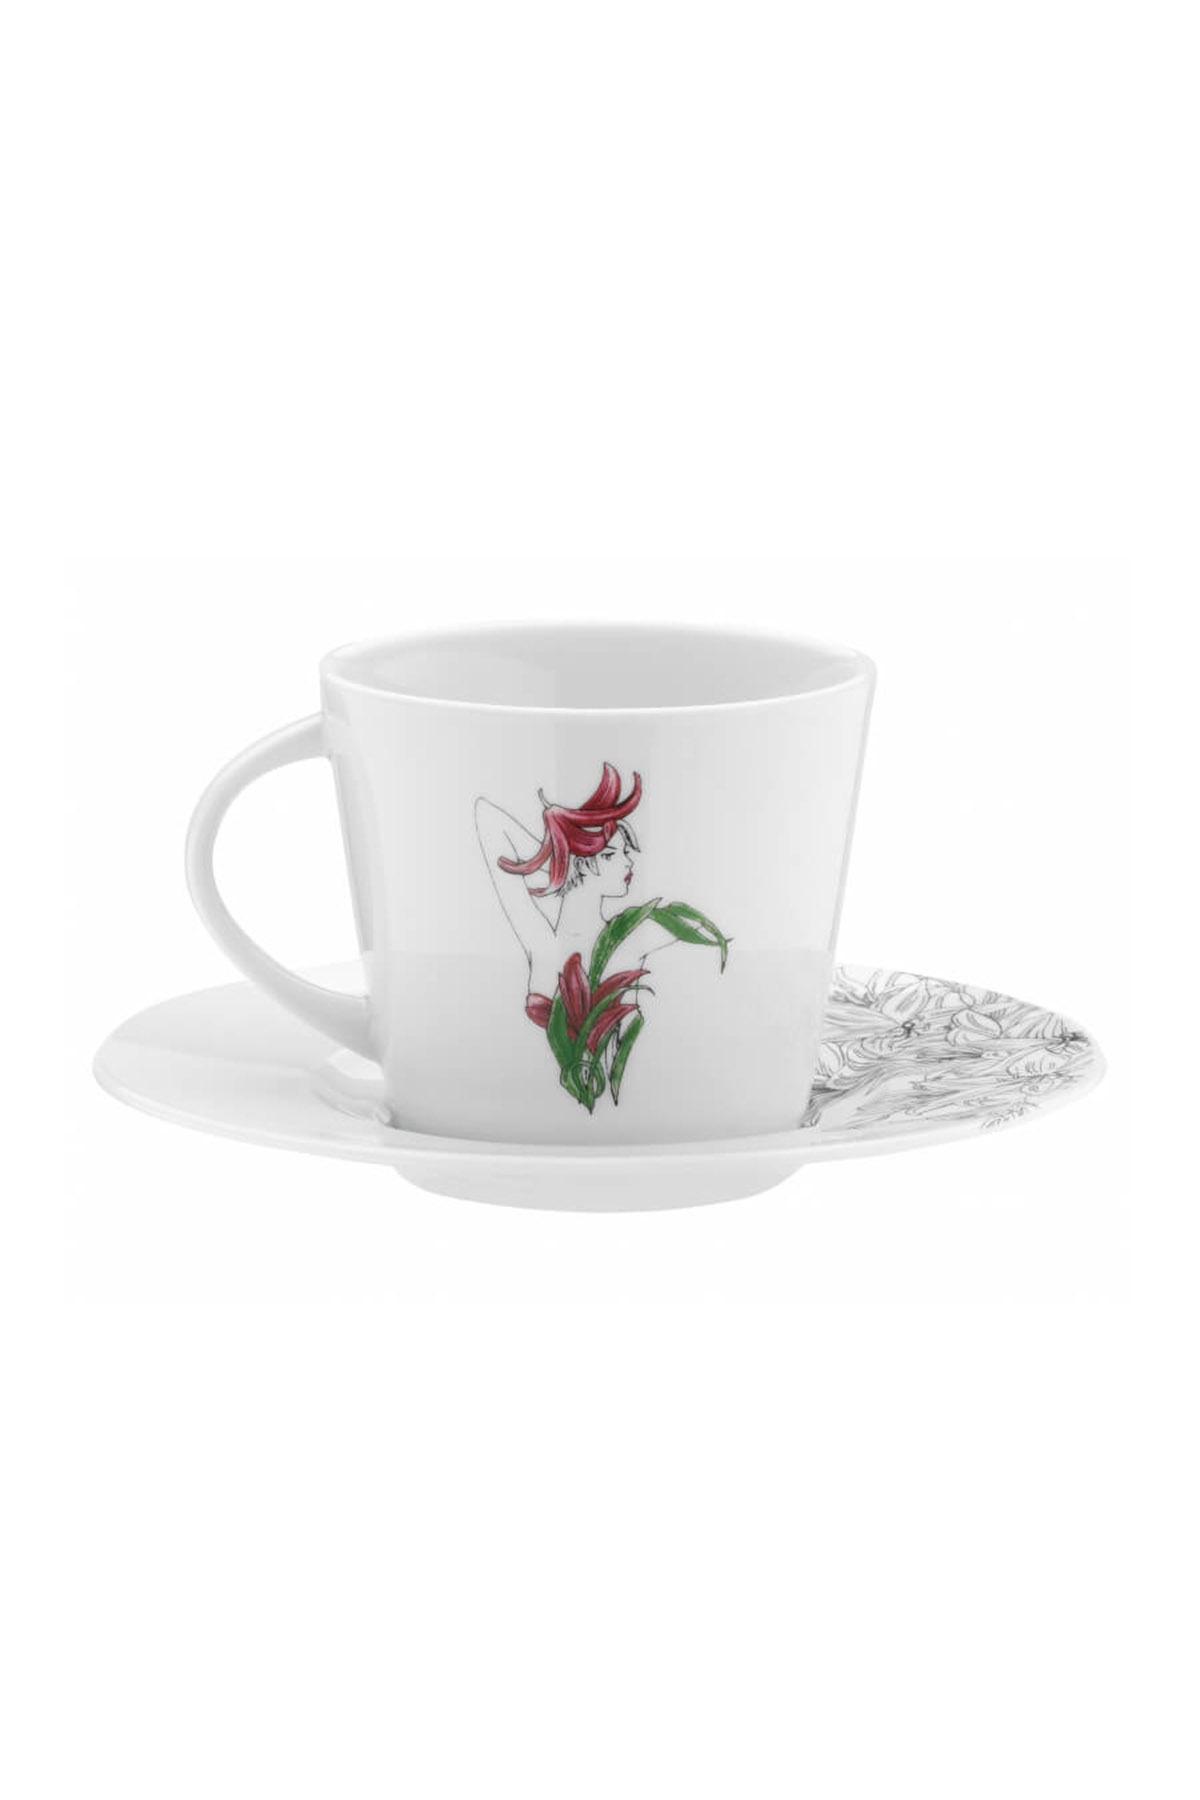 Kütahya Porselen Kadınlarım Serisi 9441 Desen Çay Fincan Takımı